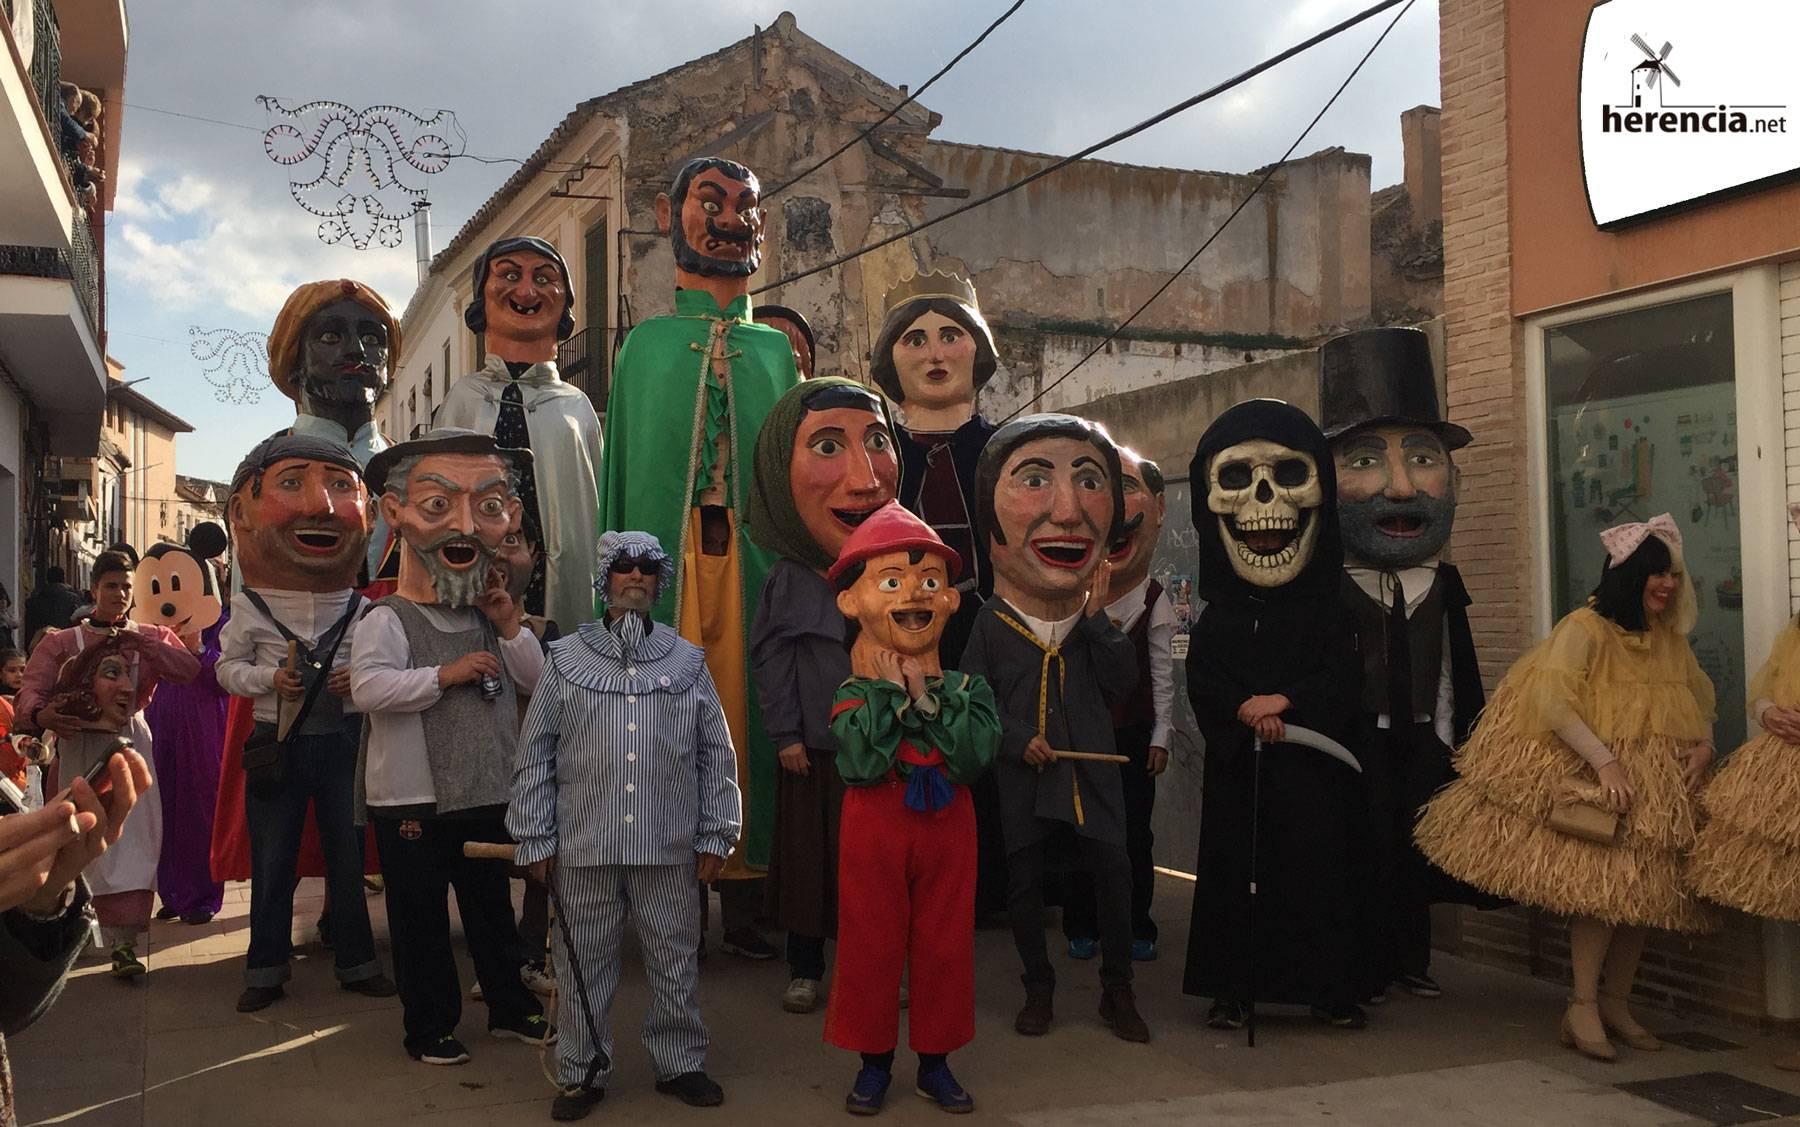 Informe favorable previo para la declaración de Interés Turístico Nacional del Carnaval de Herencia 2